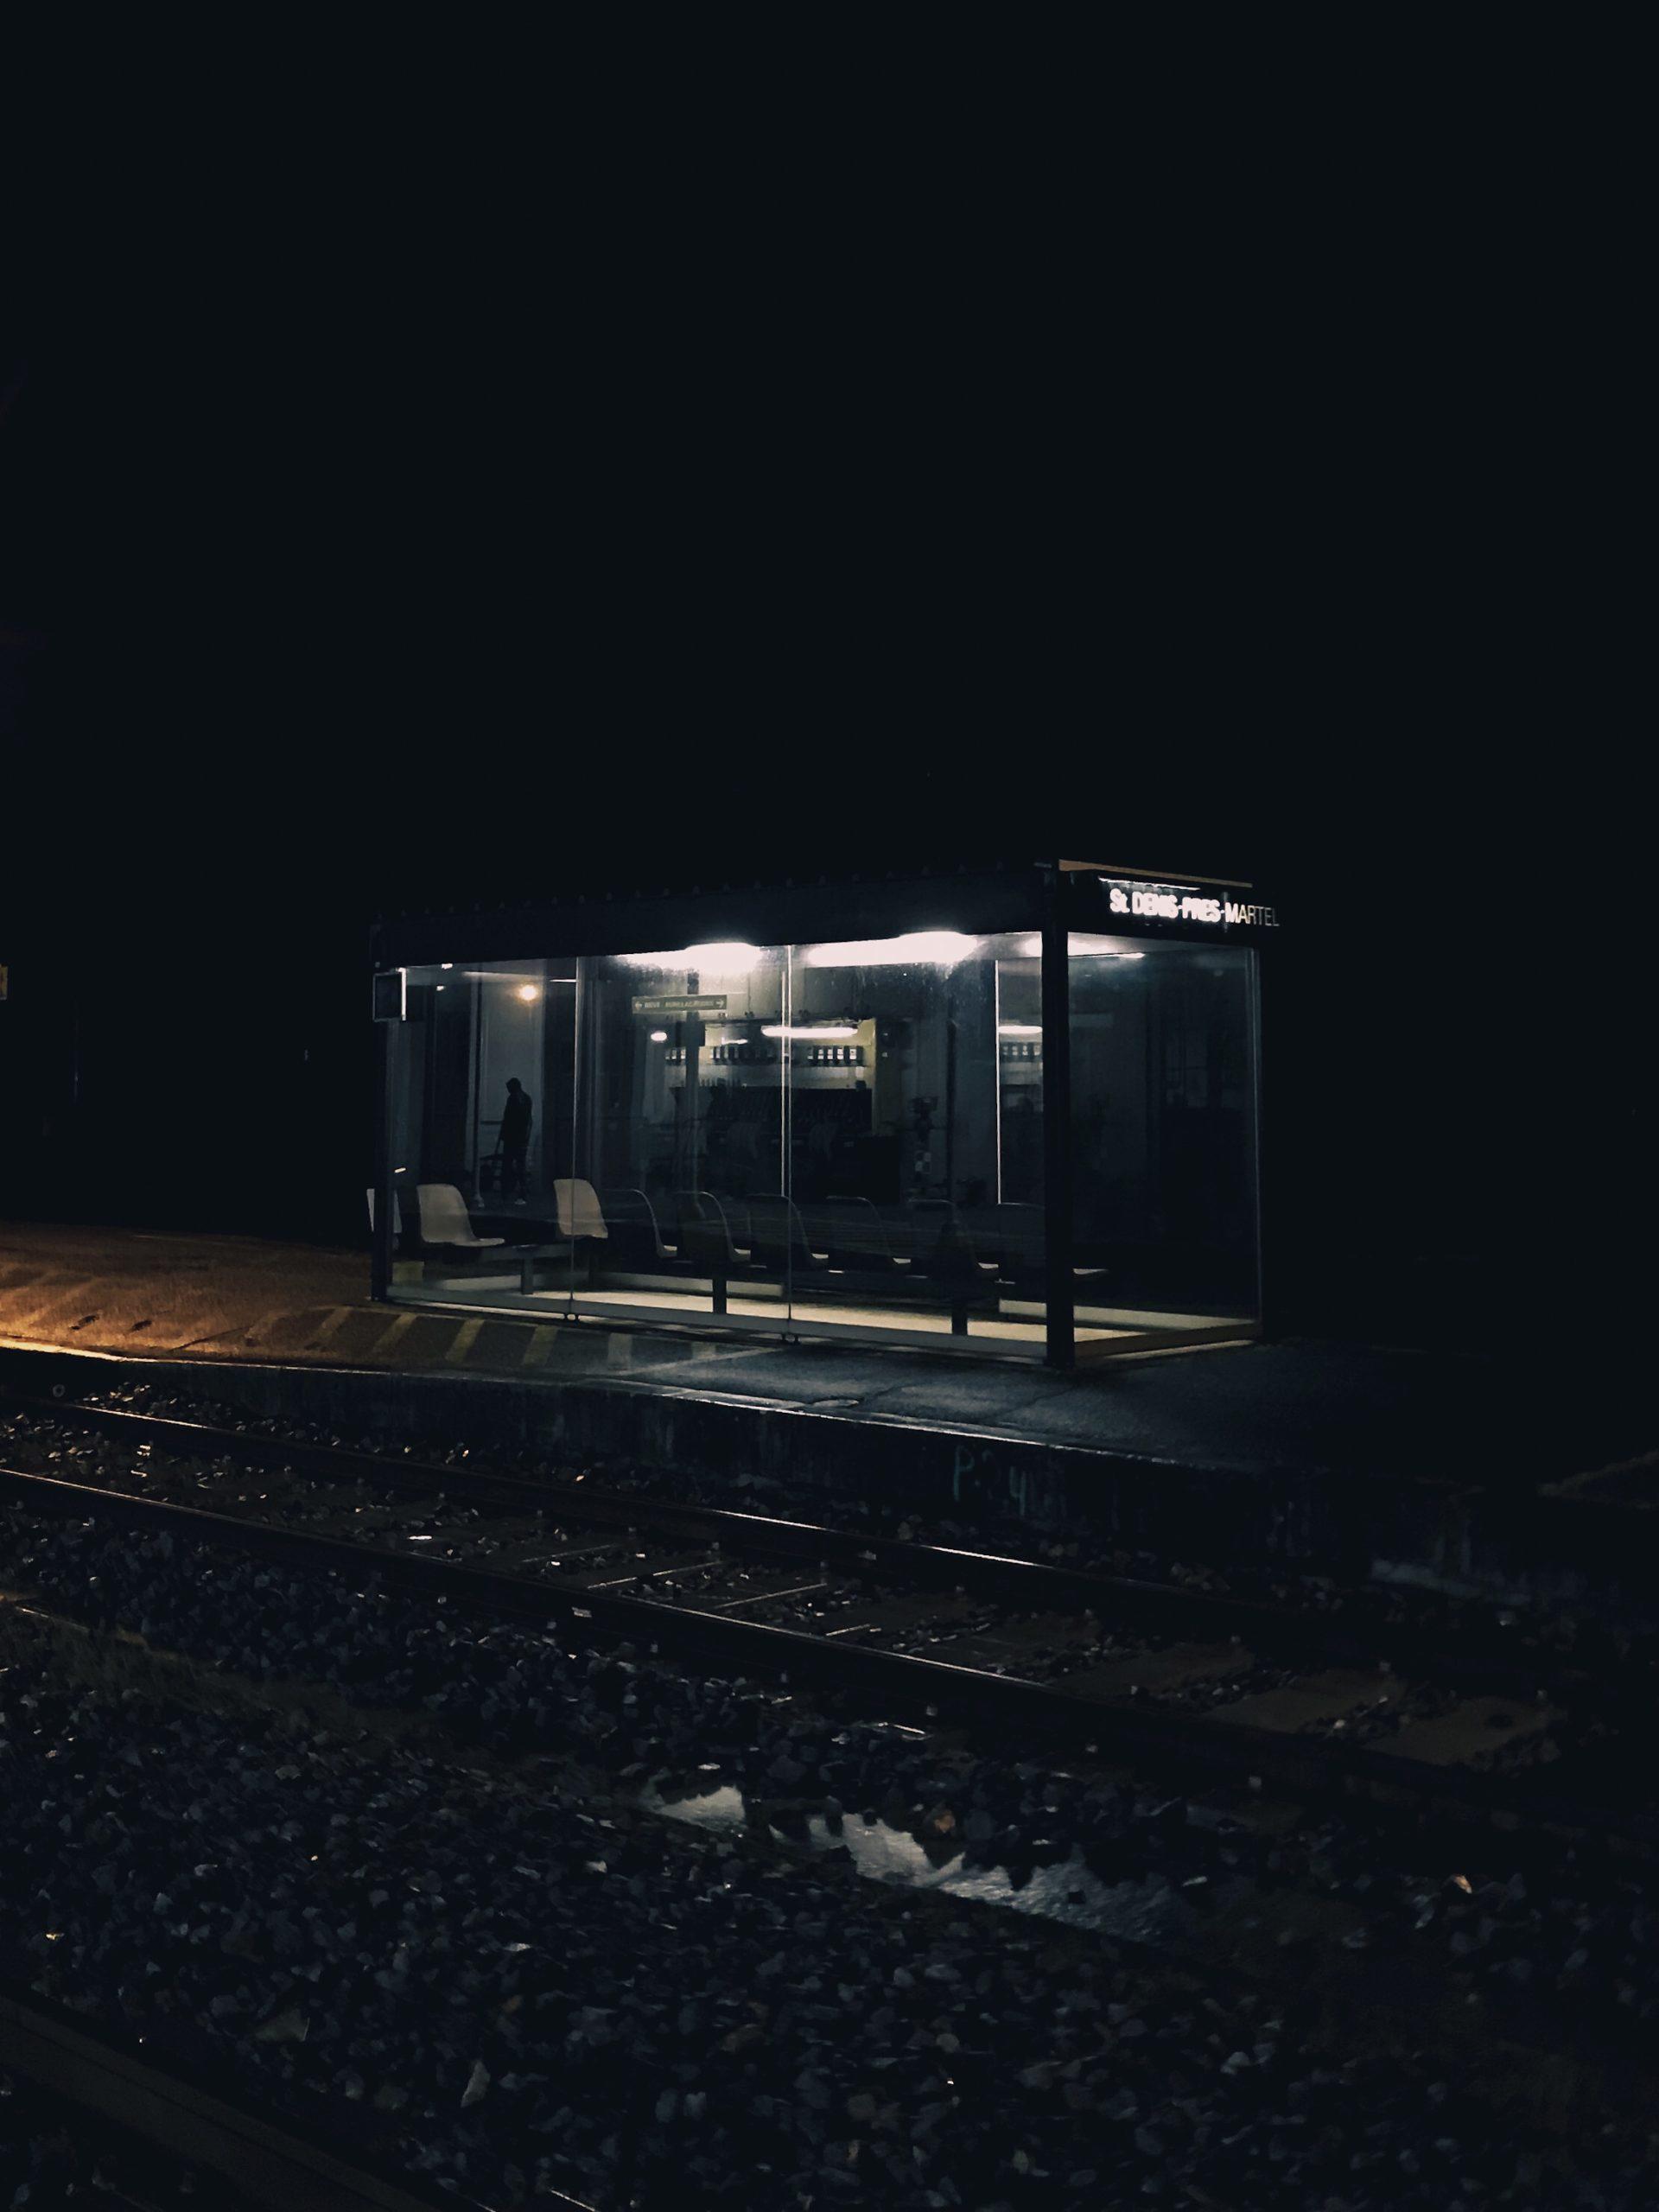 En attendant le train - Saint Denis près Martel